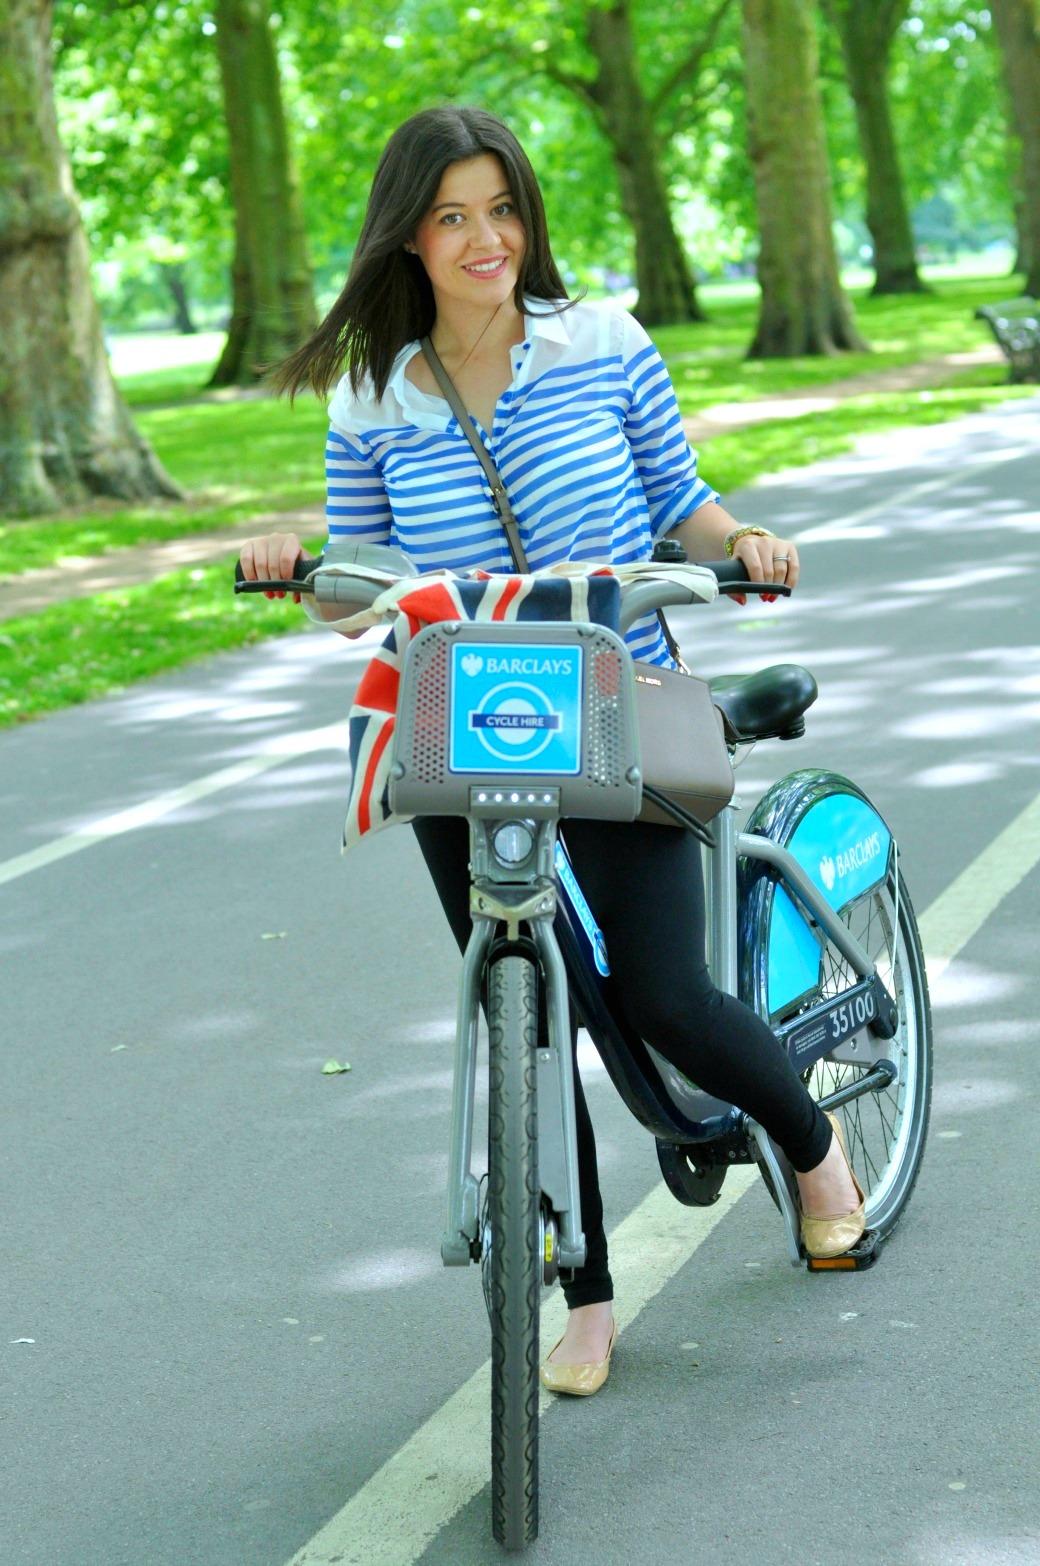 wyporzyczanie rowerów londyn